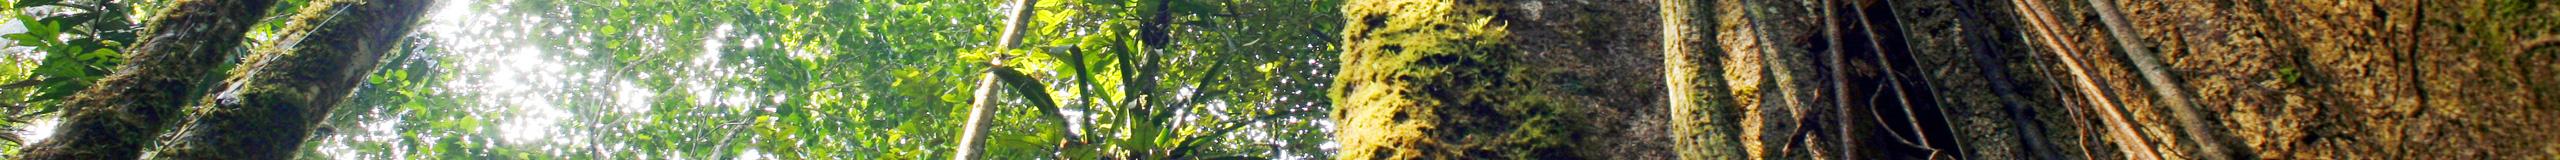 Aventure chez les Malekus, Costa Rica, voyage nature et culture